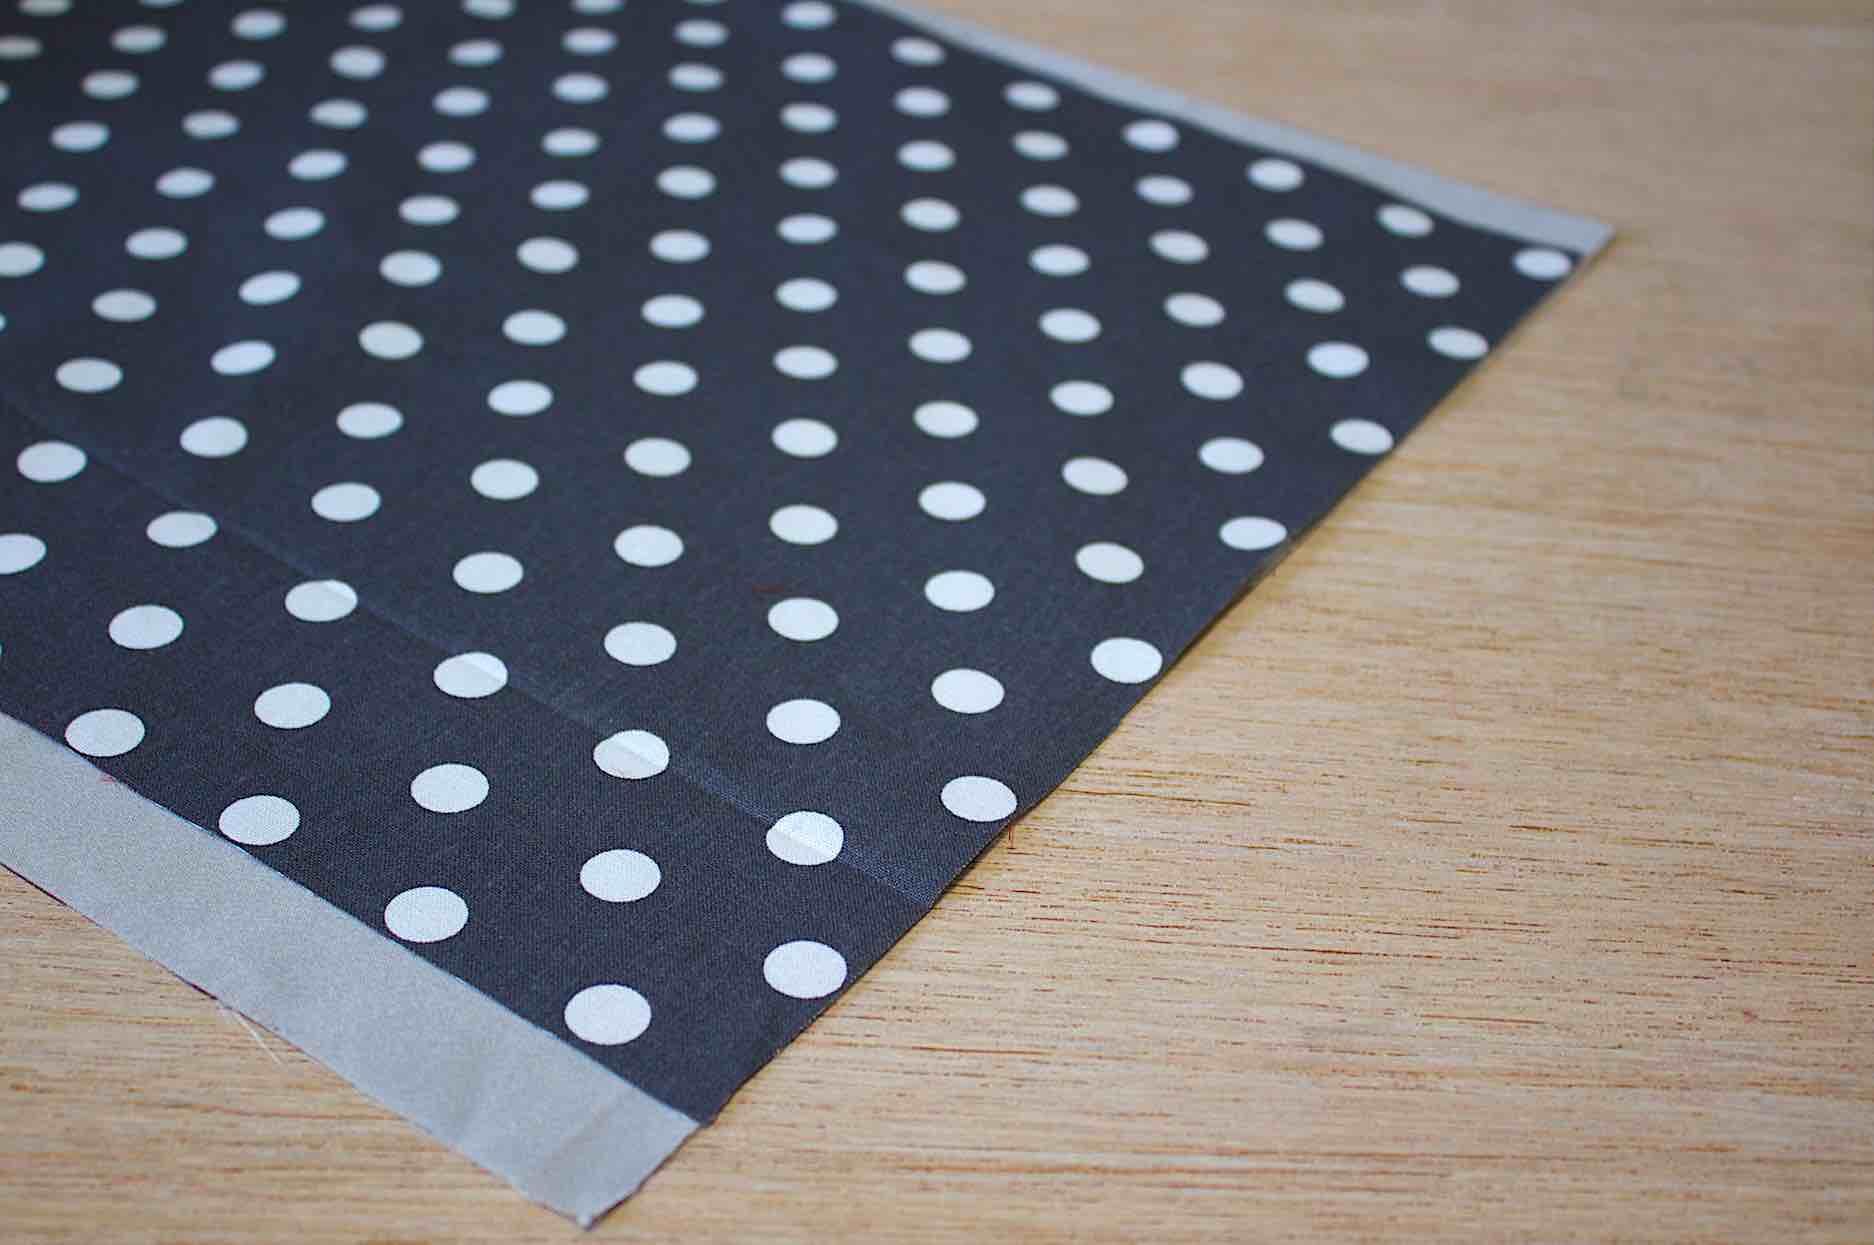 tagliate la fodera più larga di 4 cm